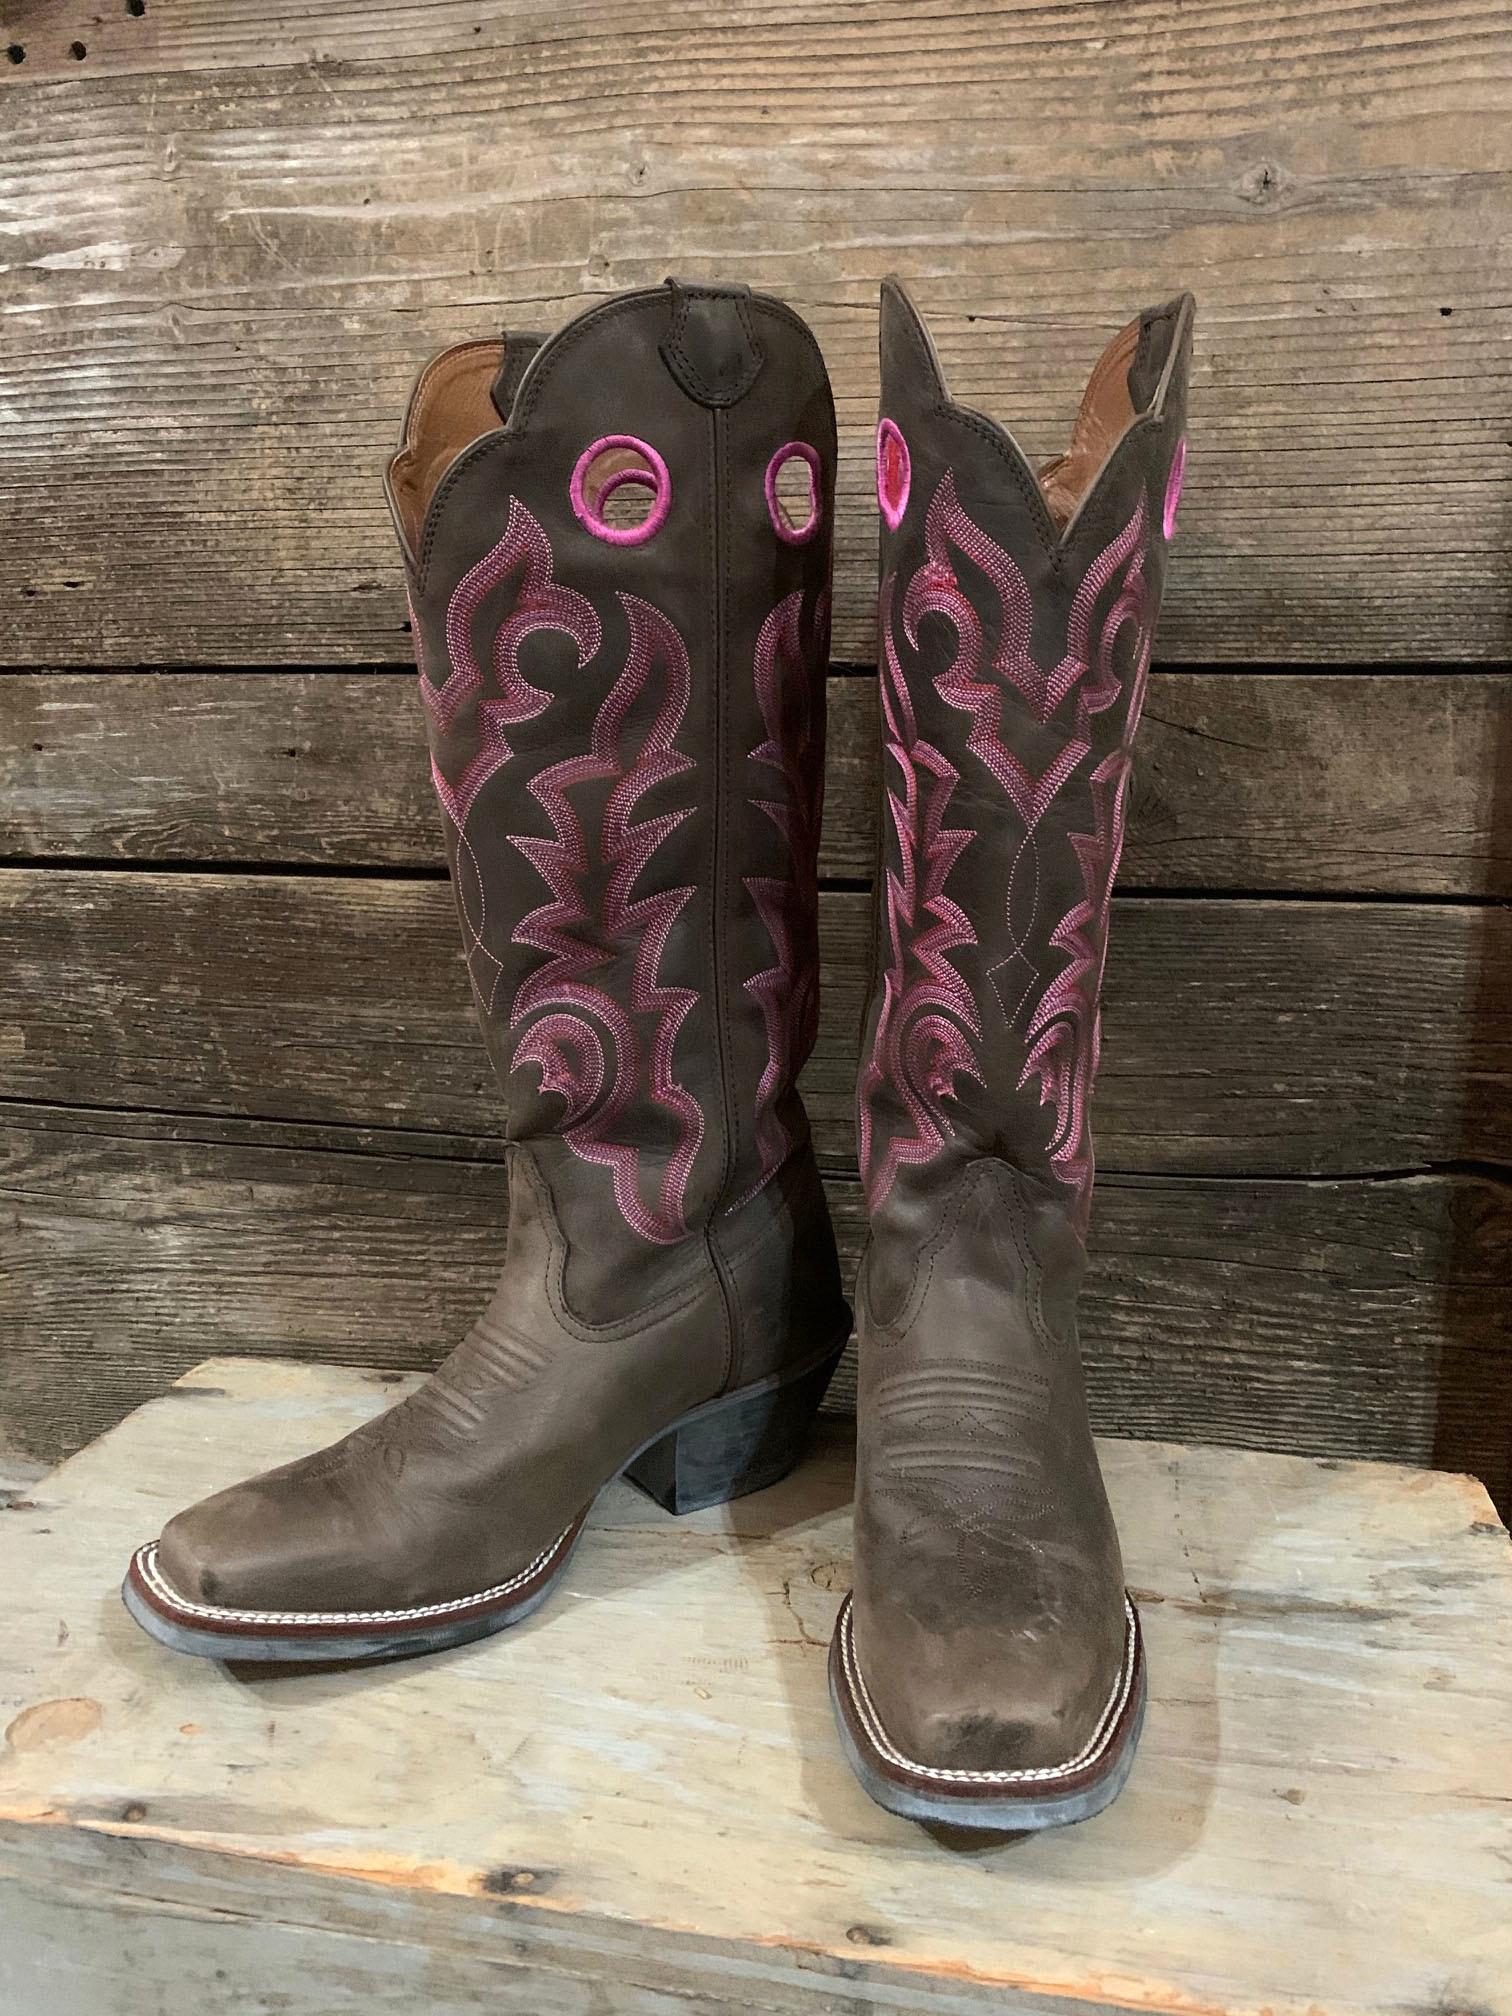 Tony Lama Tall Square Toe Boot size 8.5